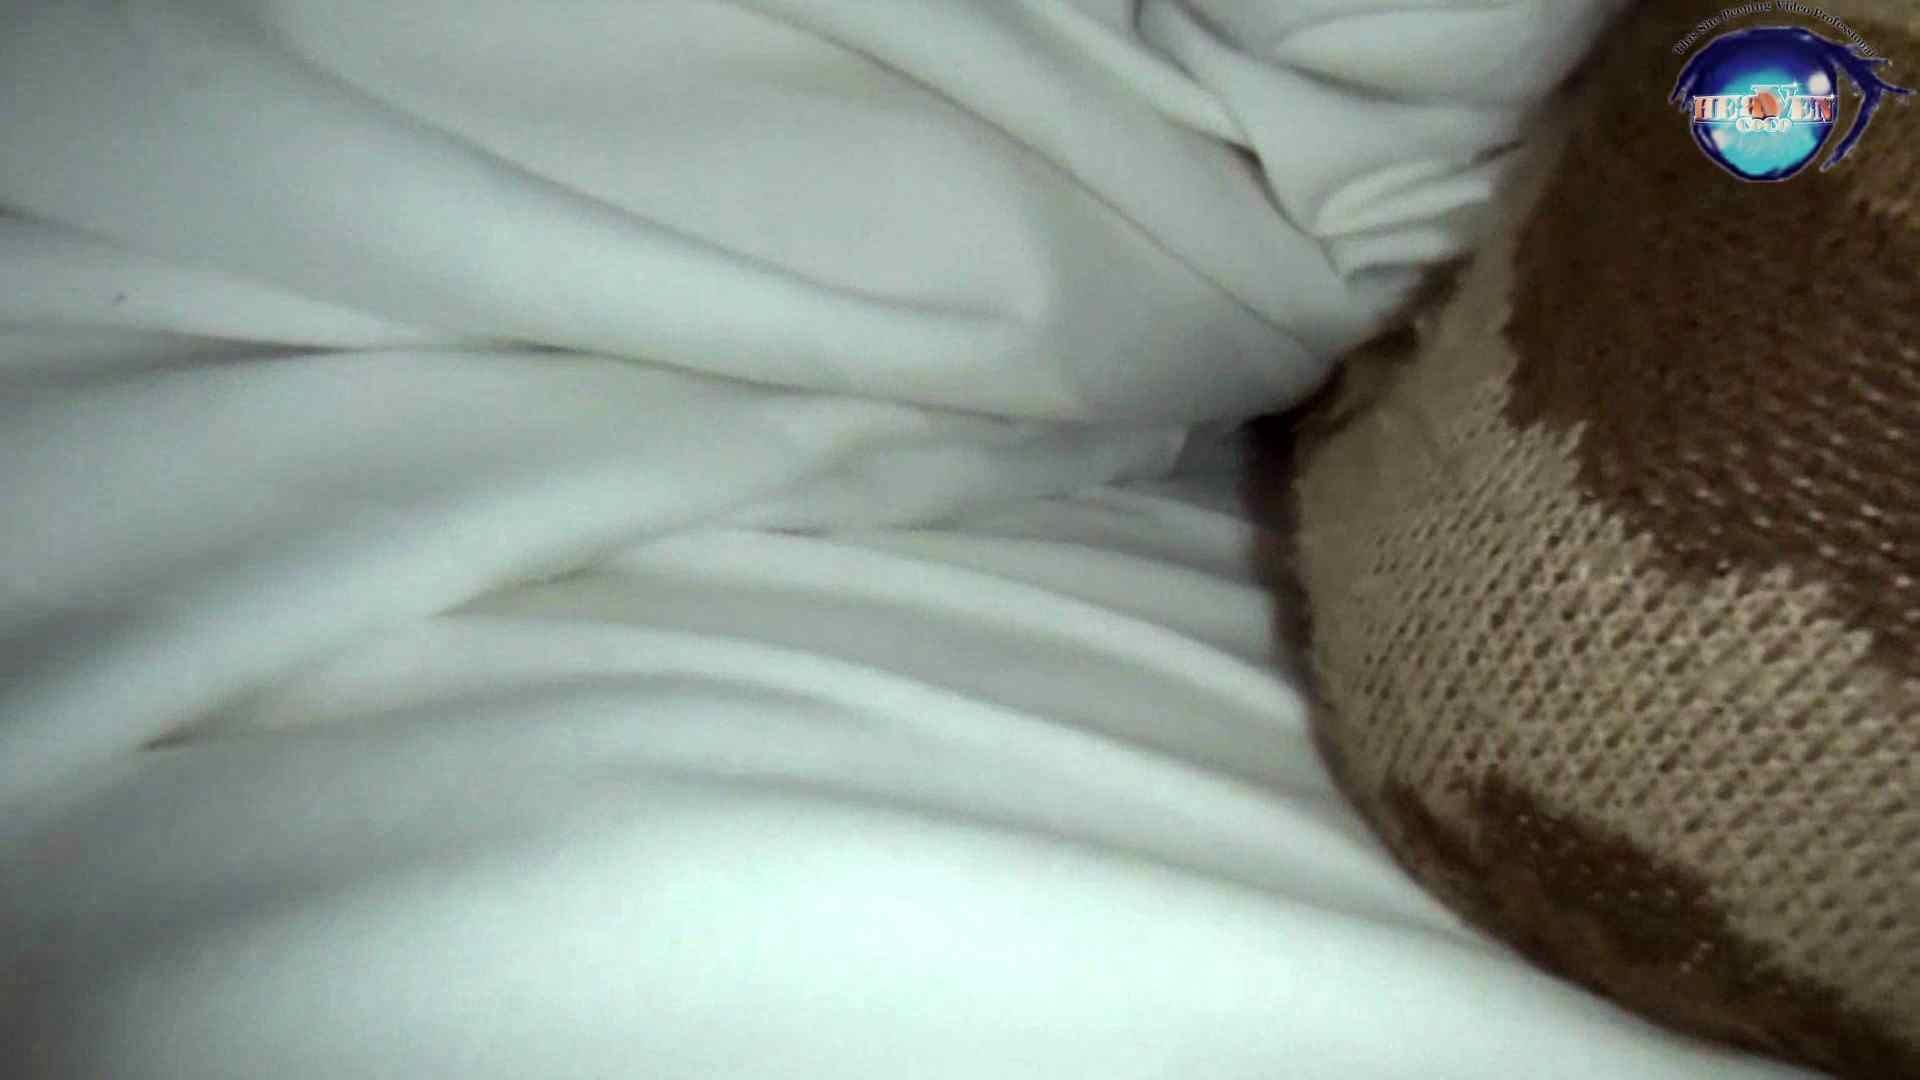 睡魔 シュウライ 第参十話 前半 乳首ポロリ   イタズラ  60画像 47